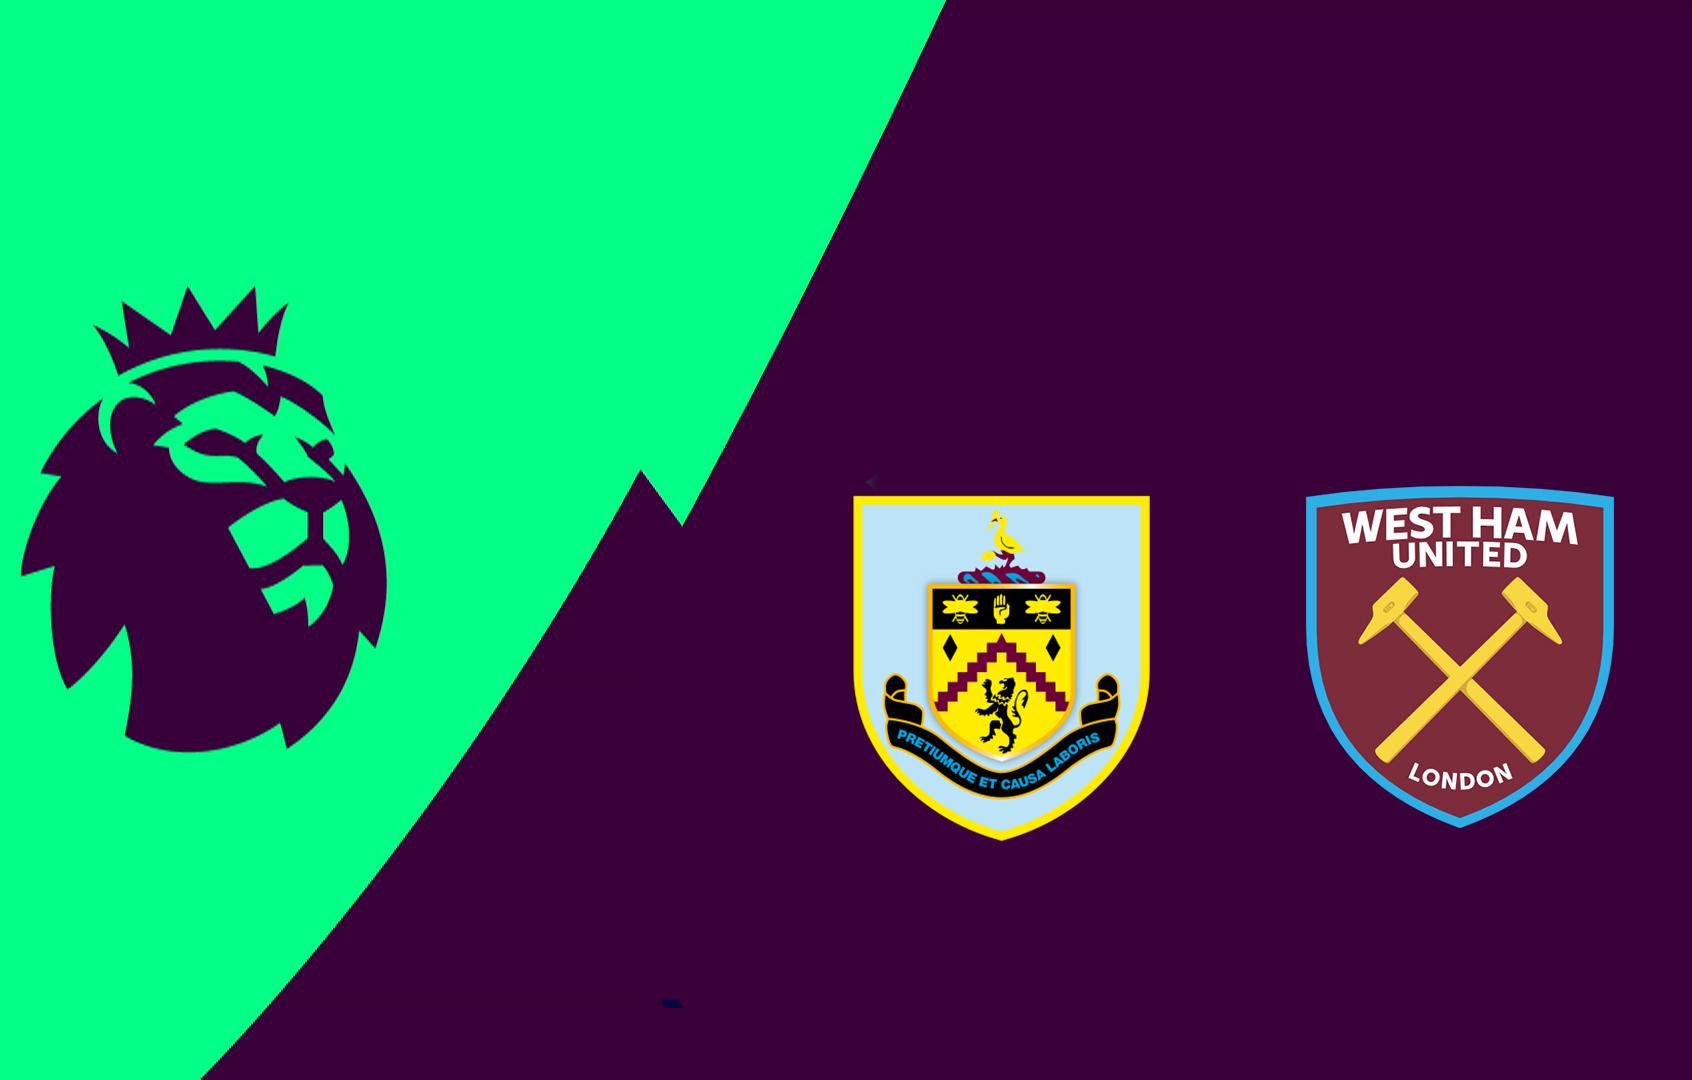 soi-keo-ca-cuoc-bong-da-ngay-7-11-Burnley-vs-club-brugge-lay-ve-di-tiep-b9 1